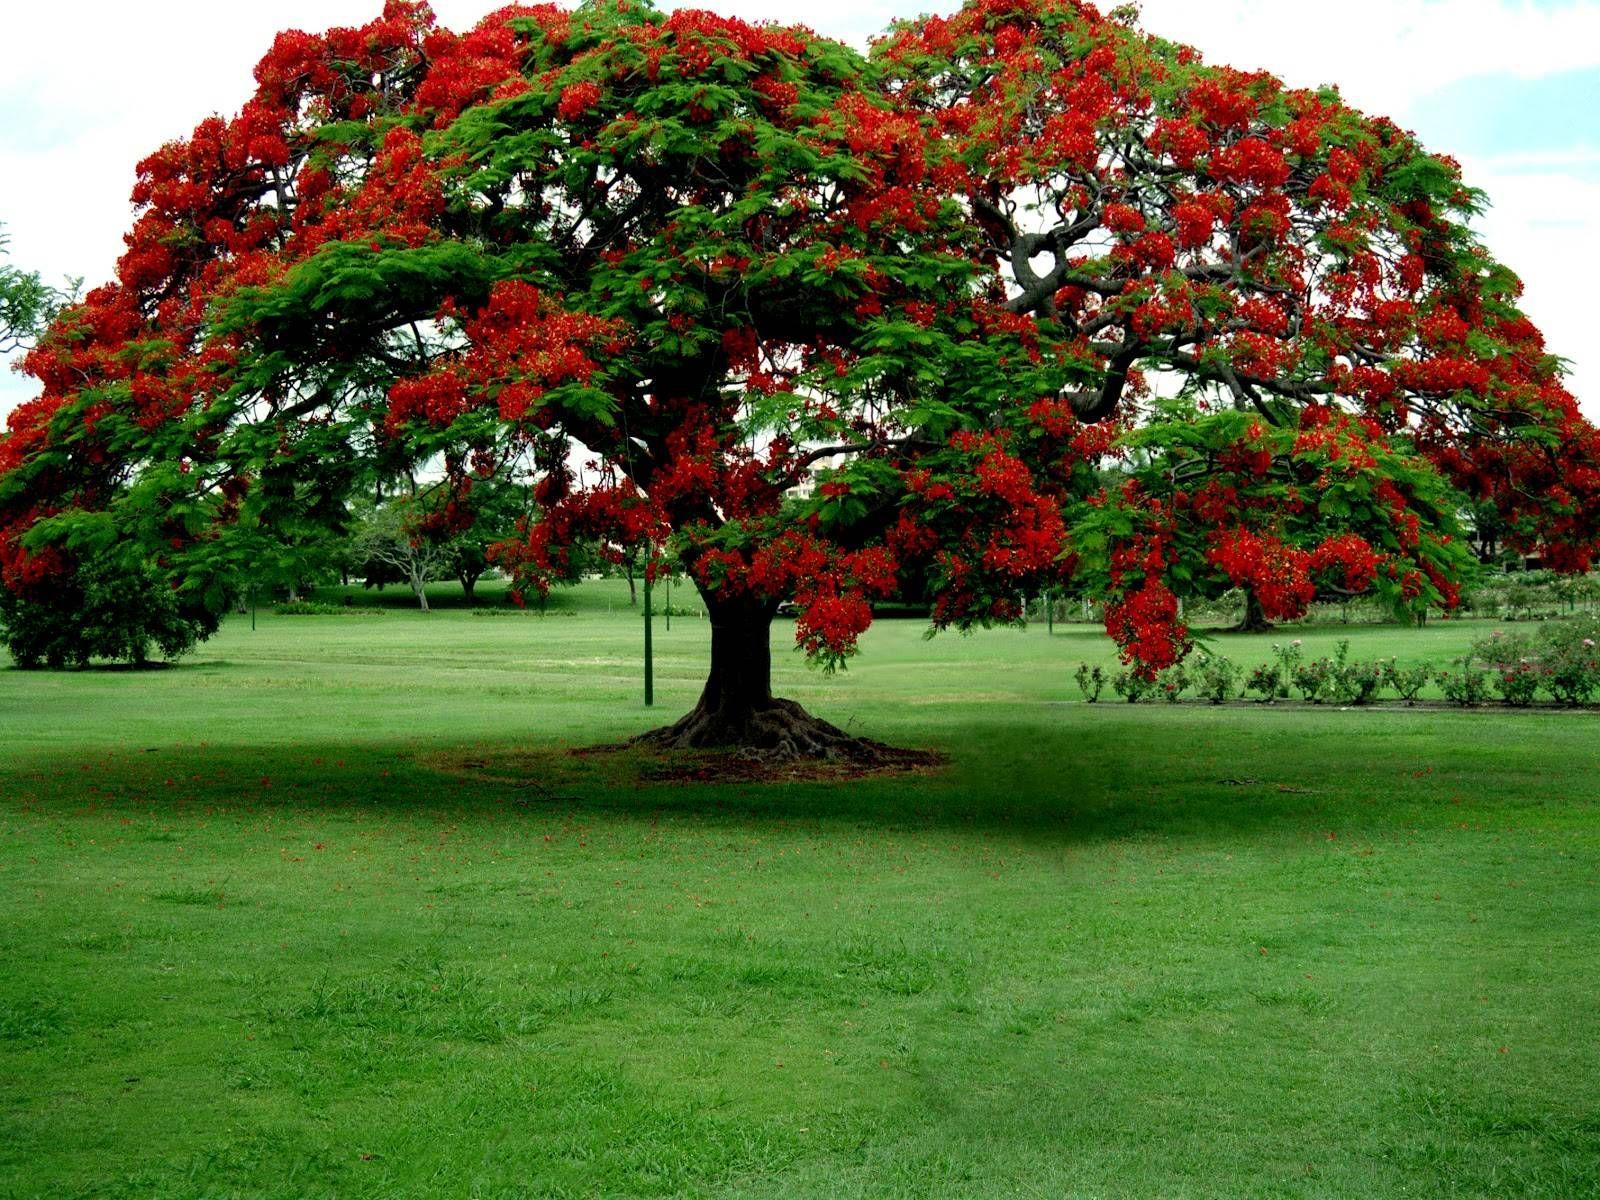 Arşivimden En Güzel Arka Plan Doğa Manzaraları 107 Doğanin Renkleri